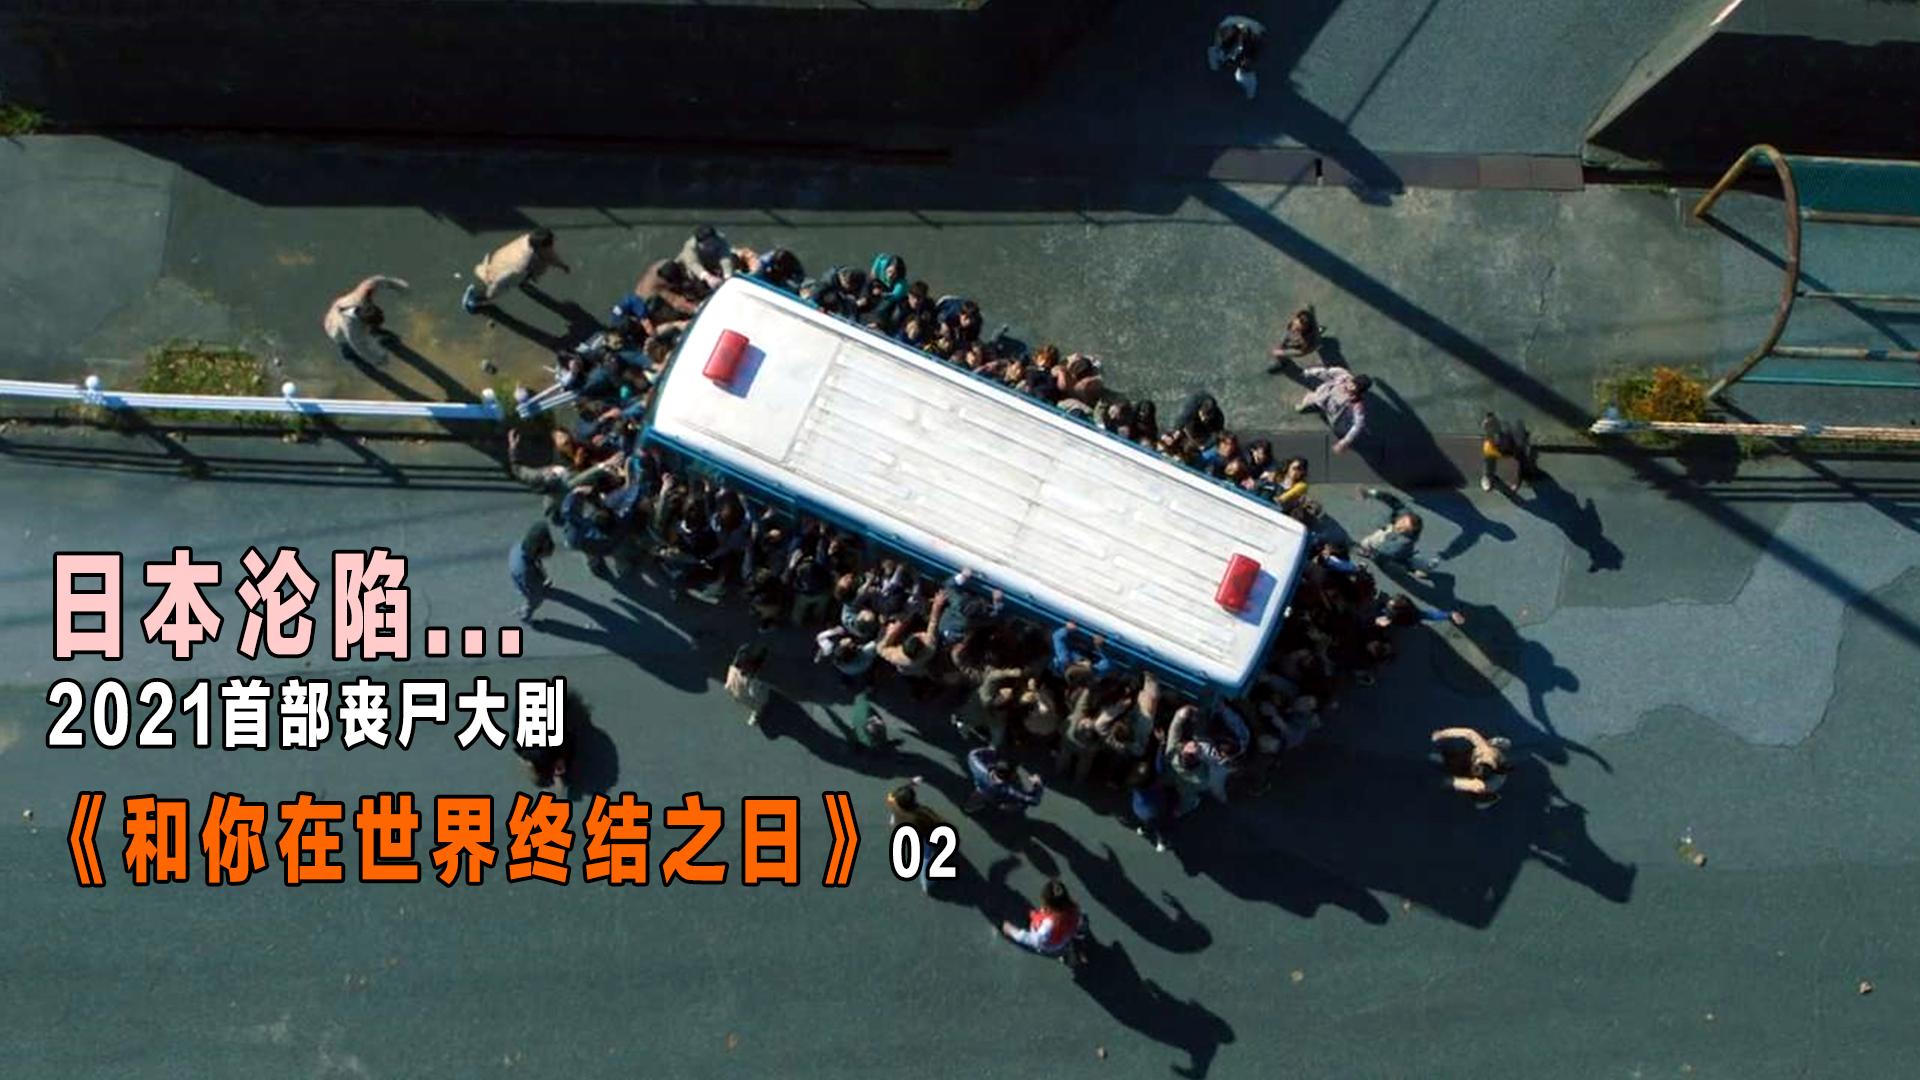 2021日本丧尸新剧,传染病毒爆发,成千上万的丧尸涌上街头